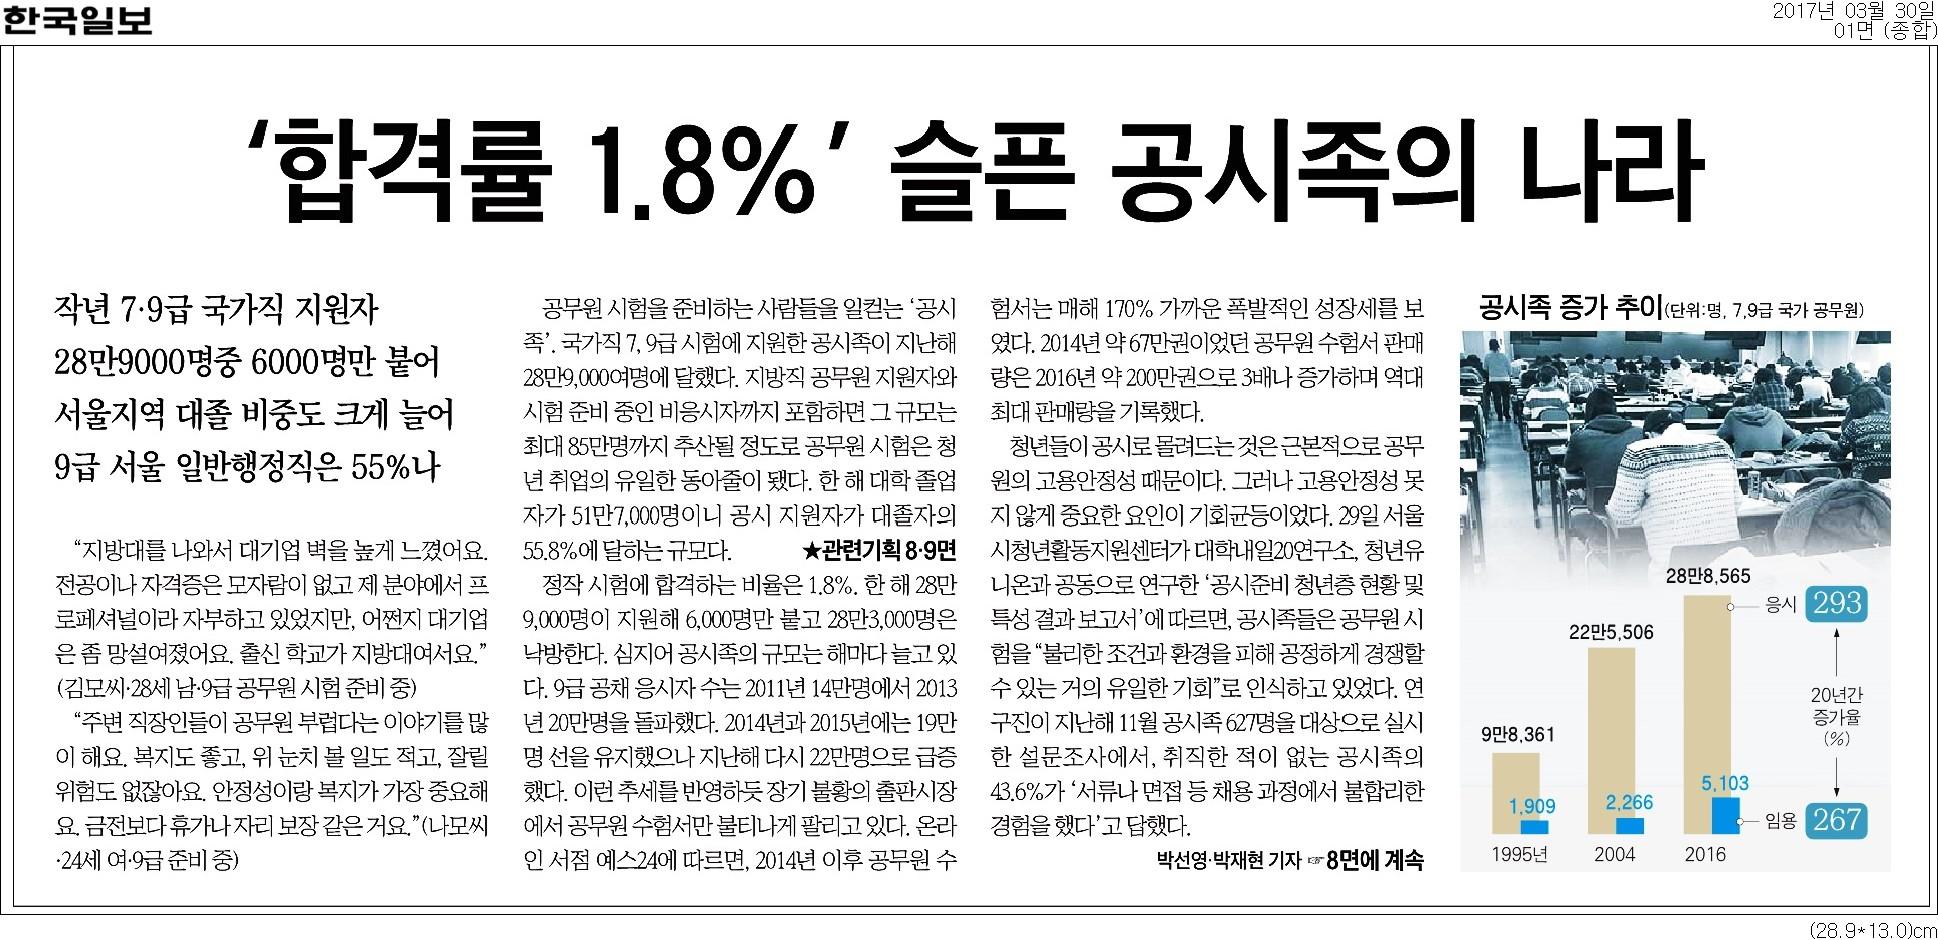 170330%ea%b3%b5%ec%8b%9c%ec%83%9d_%ed%95%9c%ea%b5%ad%ec%9d%bc%eb%b3%b41%eb%a9%b4